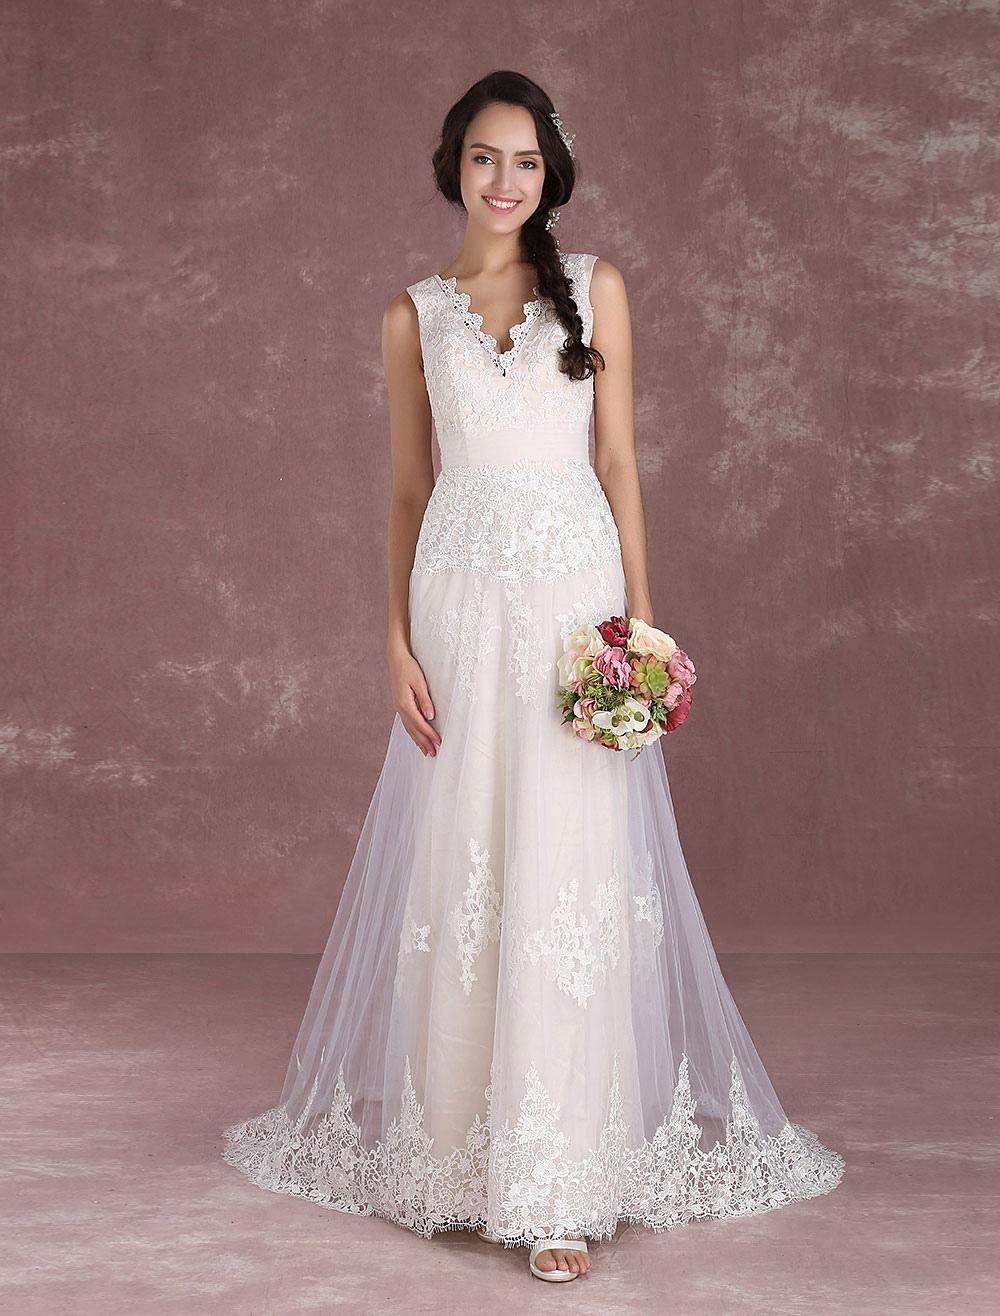 Boho Hochzeitskleid, b?hmisches Hochzeitskleid online | Milanoo.com